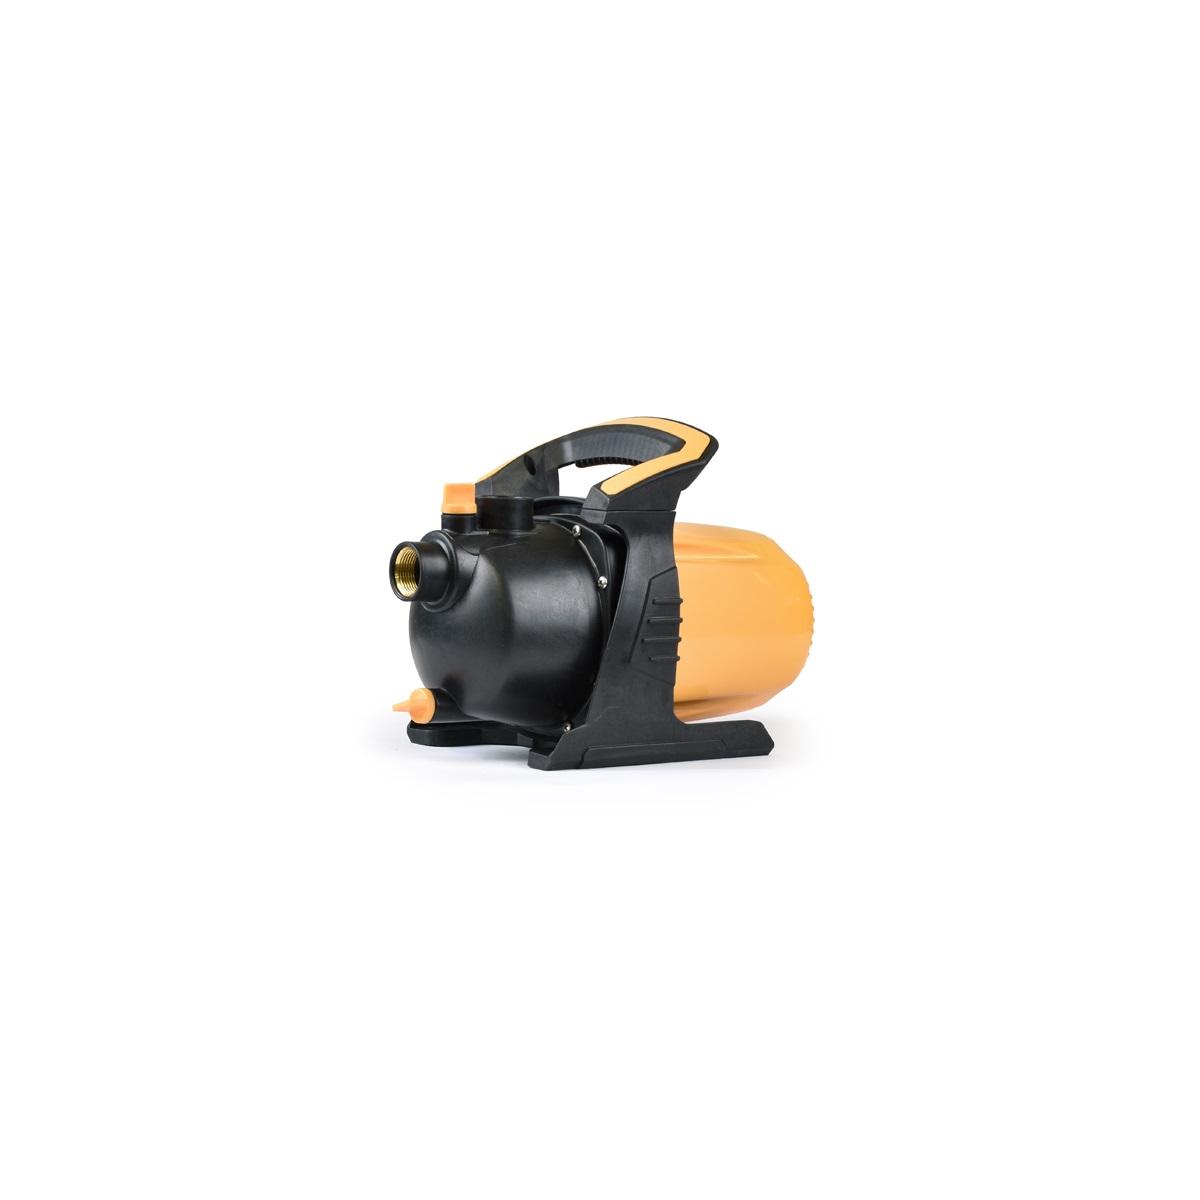 Riwall PRO REJP 1200, záhradné prúdové čerpadlo